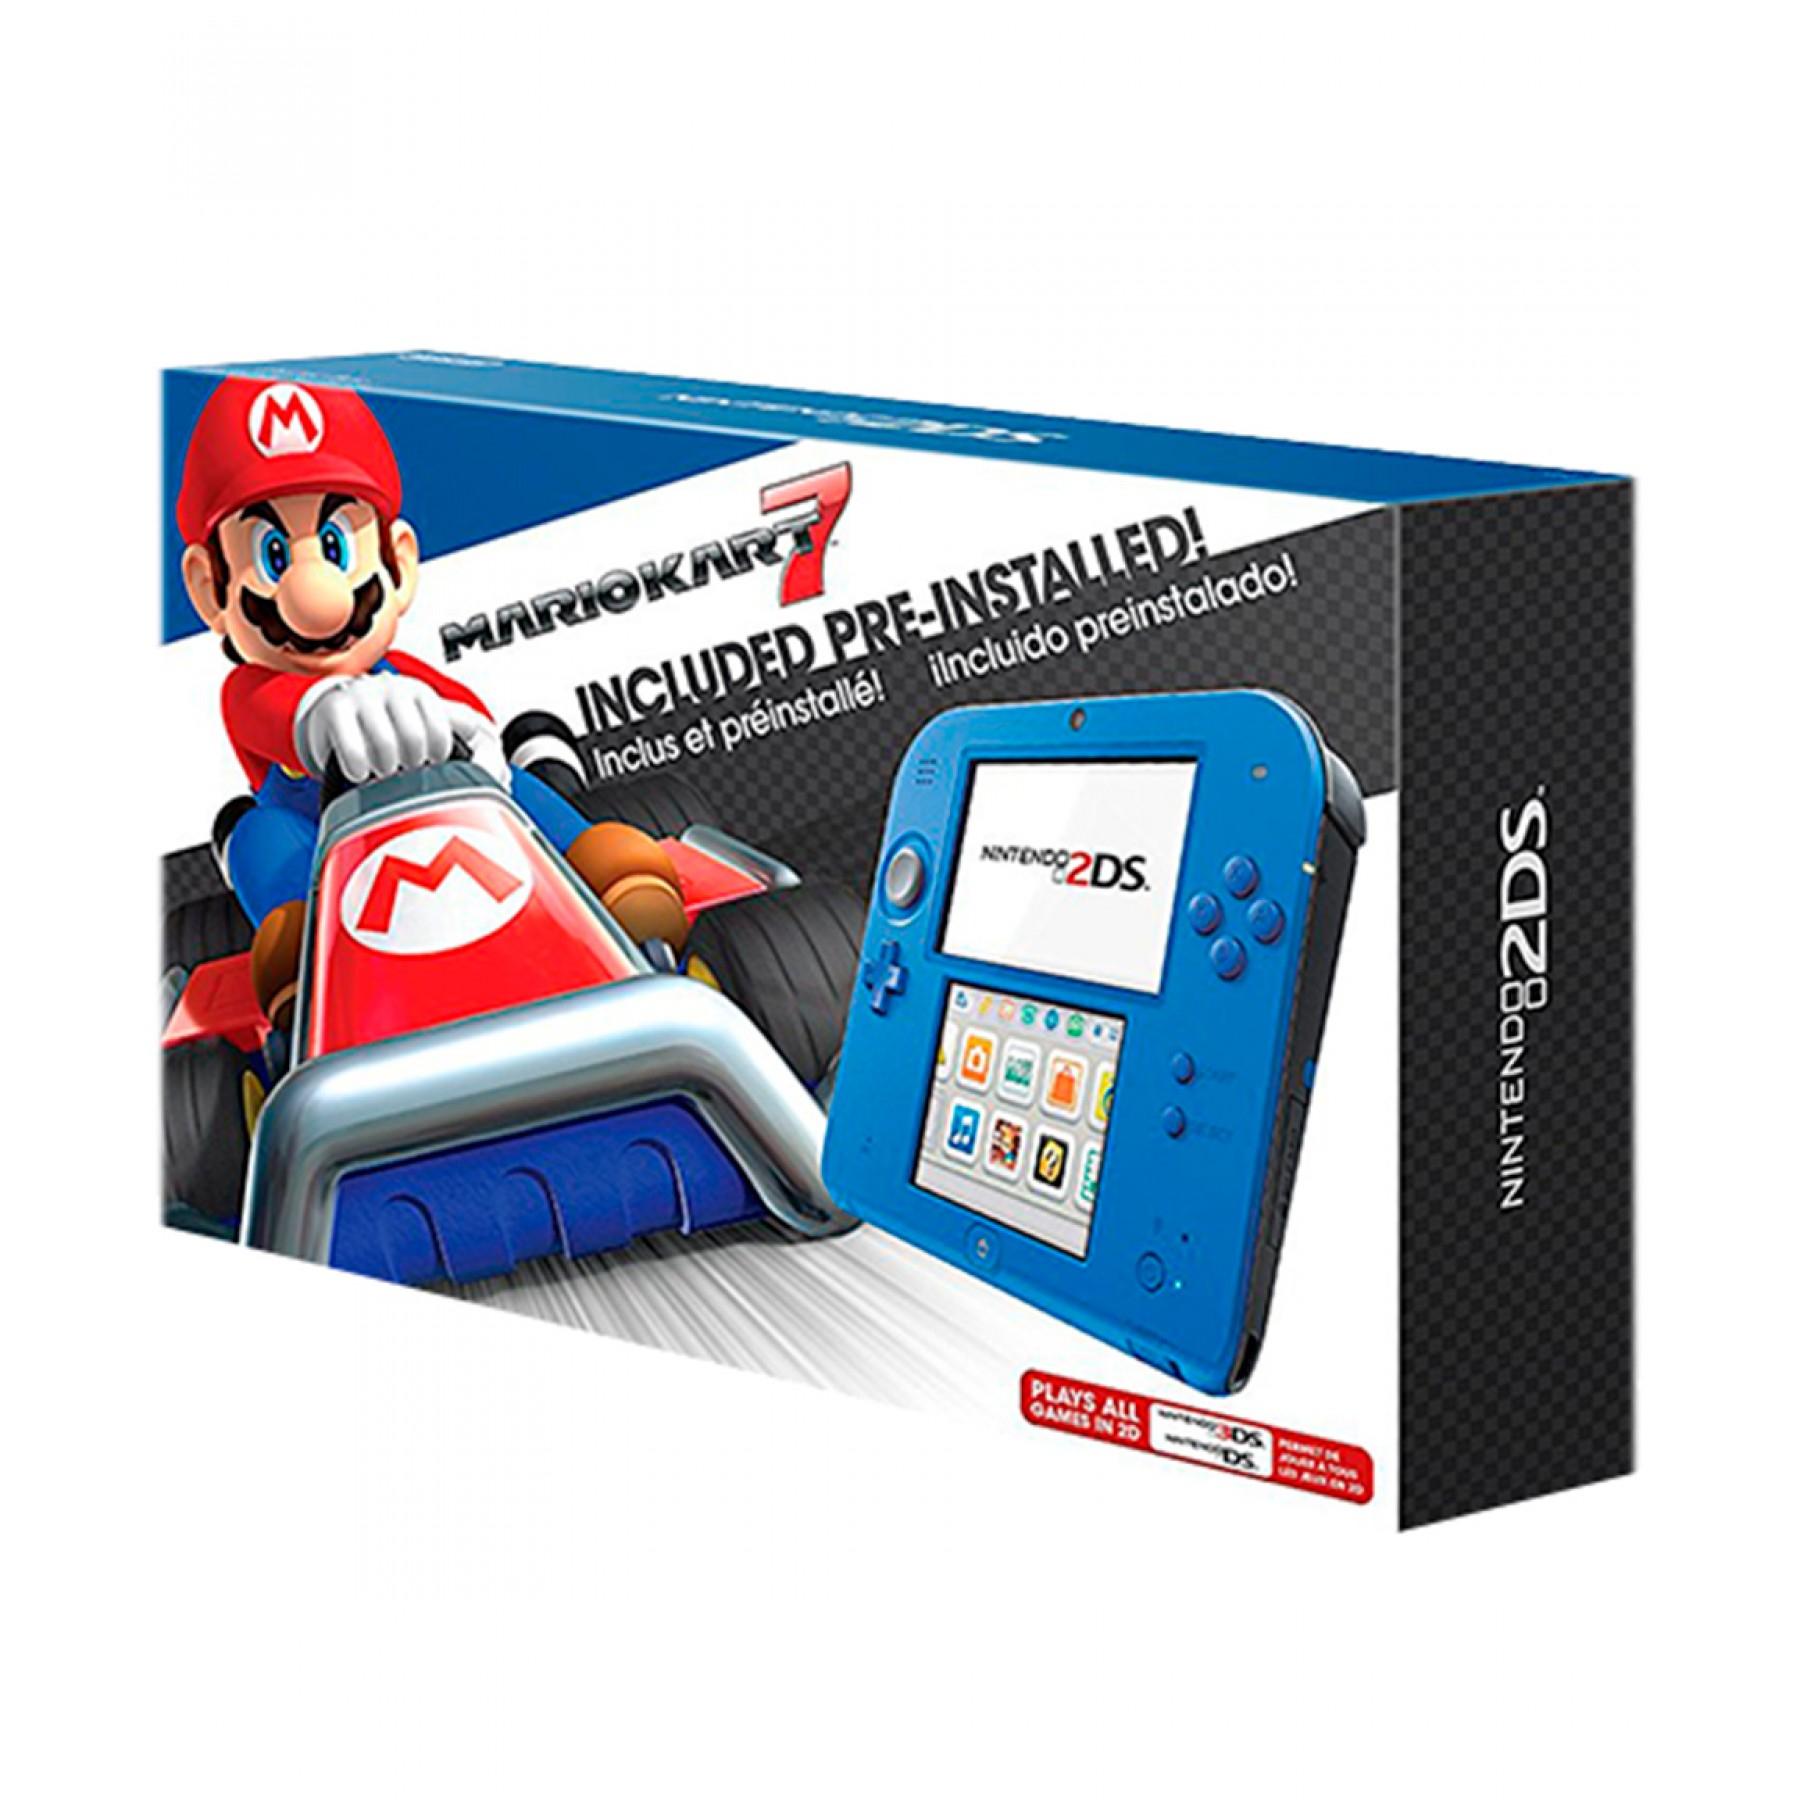 El Palacio de Hierro: Nintendo 2DS desde $1919 y New 3DS XL a $4560